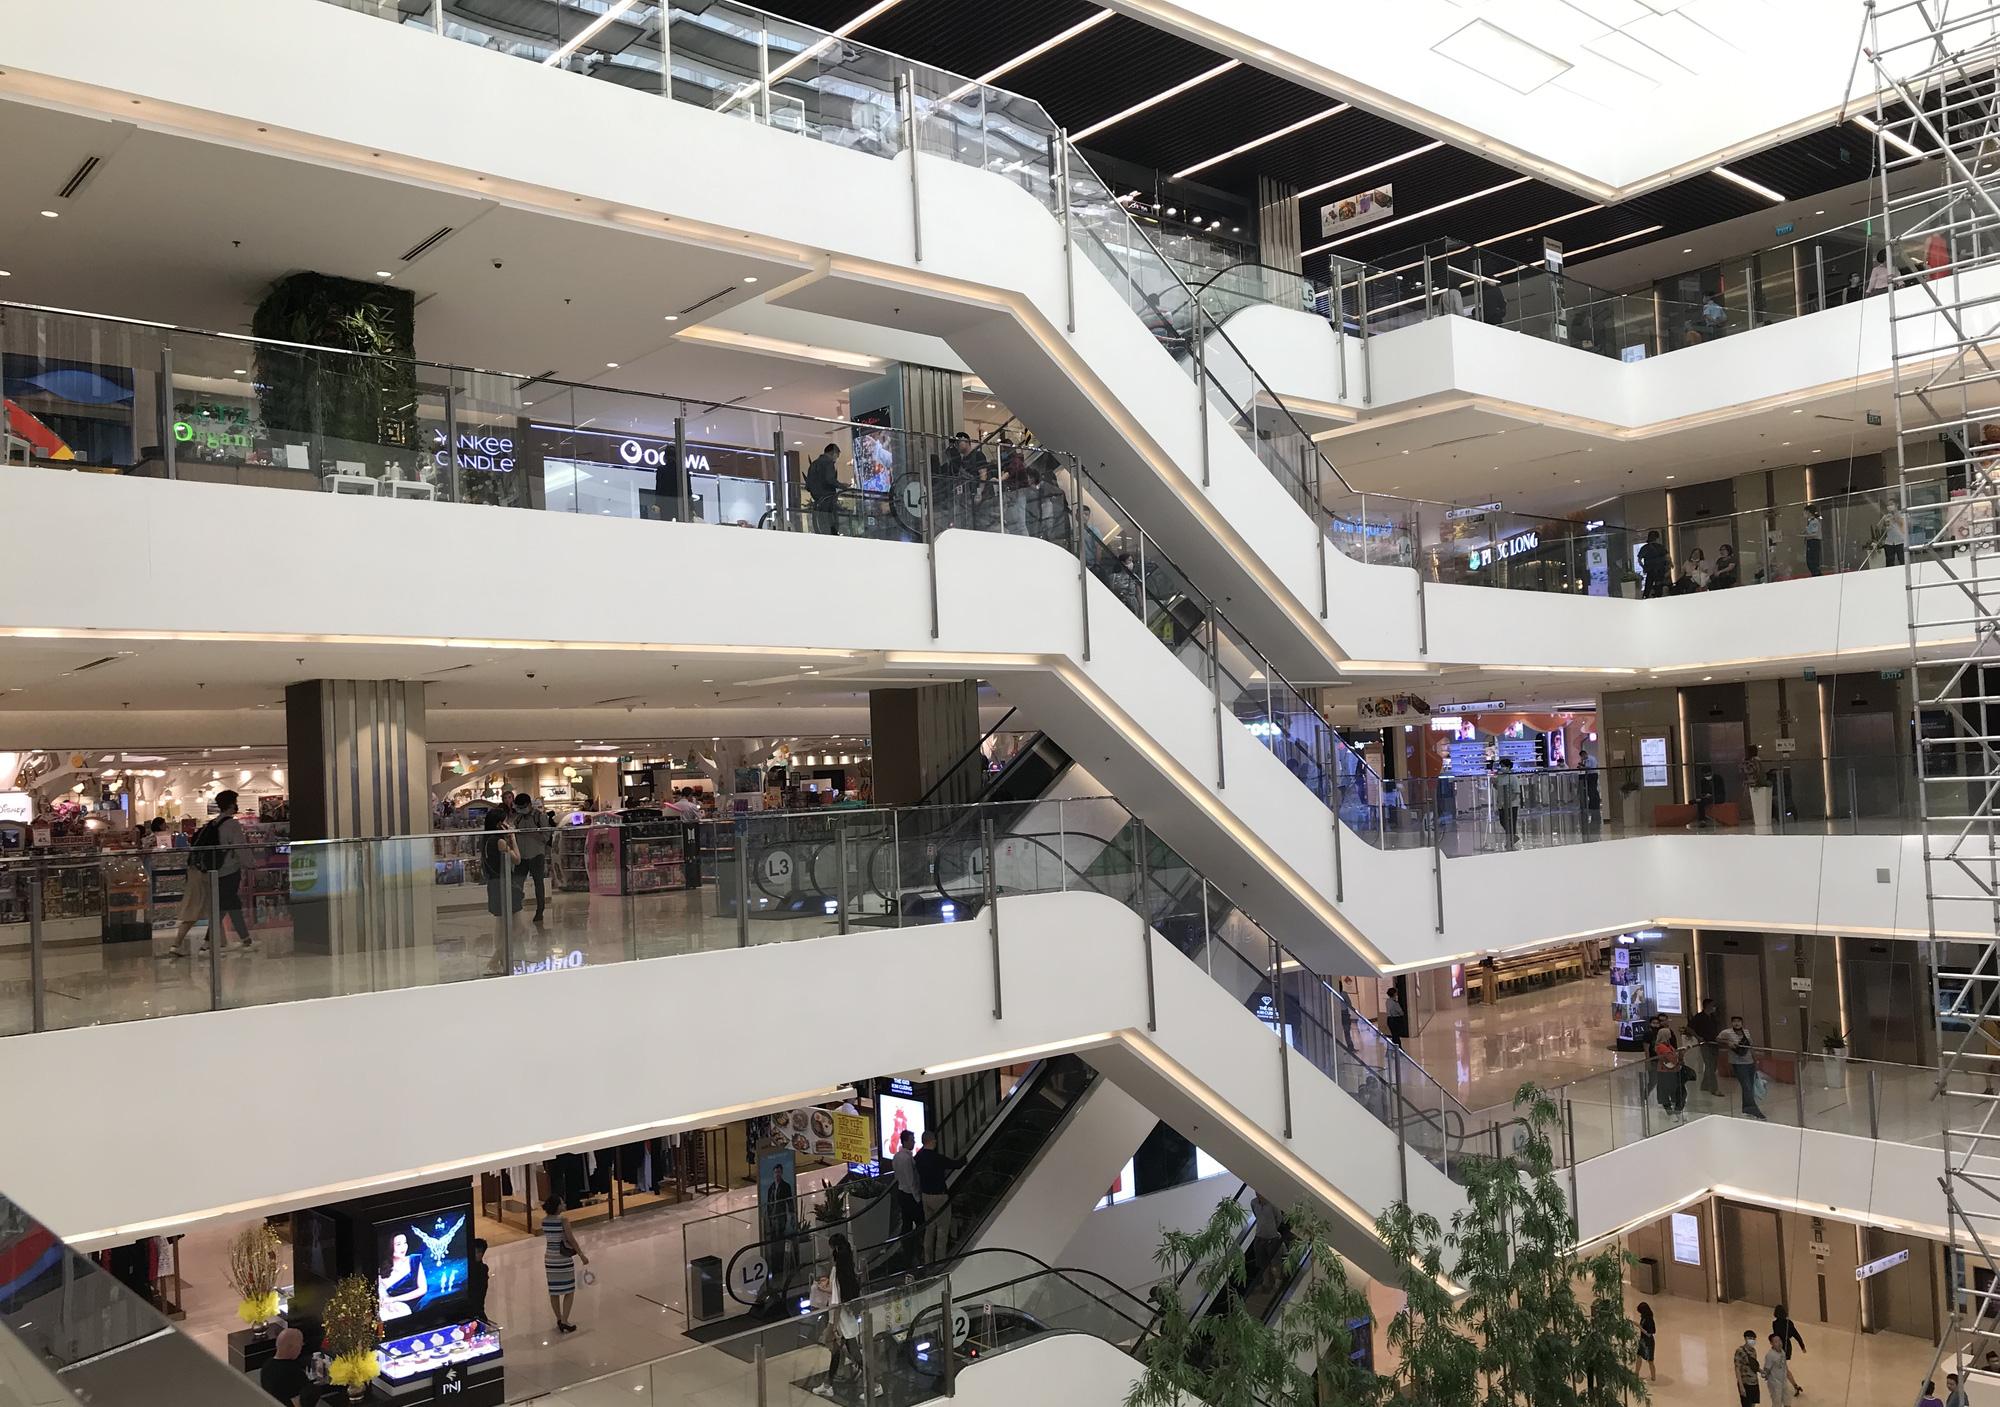 Trung tâm thương mại Sài Gòn vắng tanh, lác đác người giữa dịch corona - Ảnh 9.